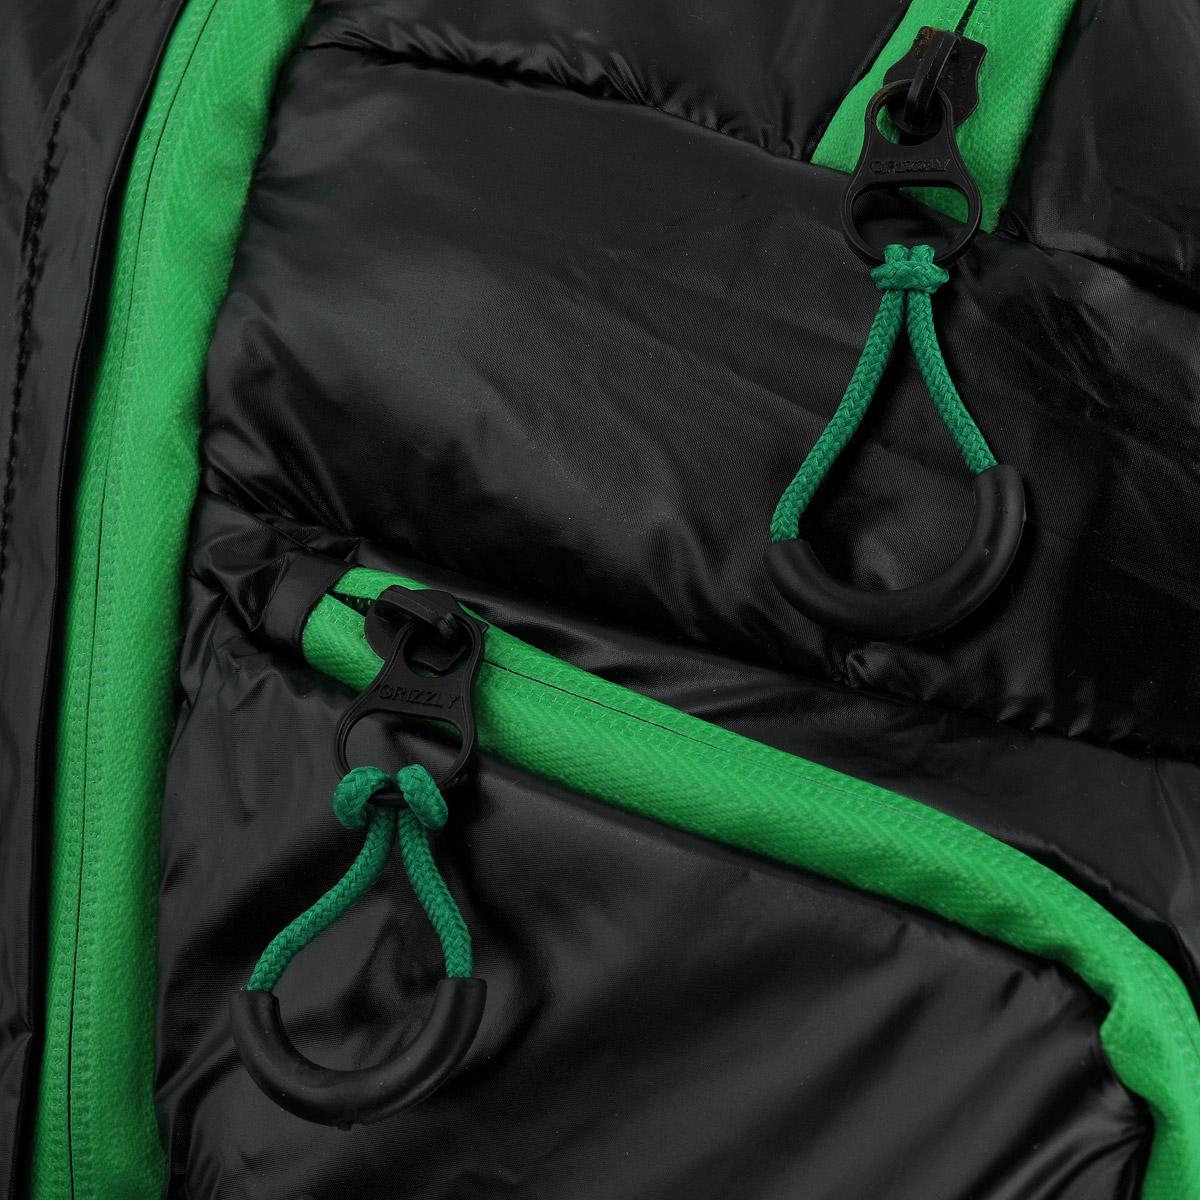 Рюкзак молодежный Grizzly, цвет: черный, зеленый. RU-417-1 ( RU-417-1 Рюкзак /1 черный - зеленый )